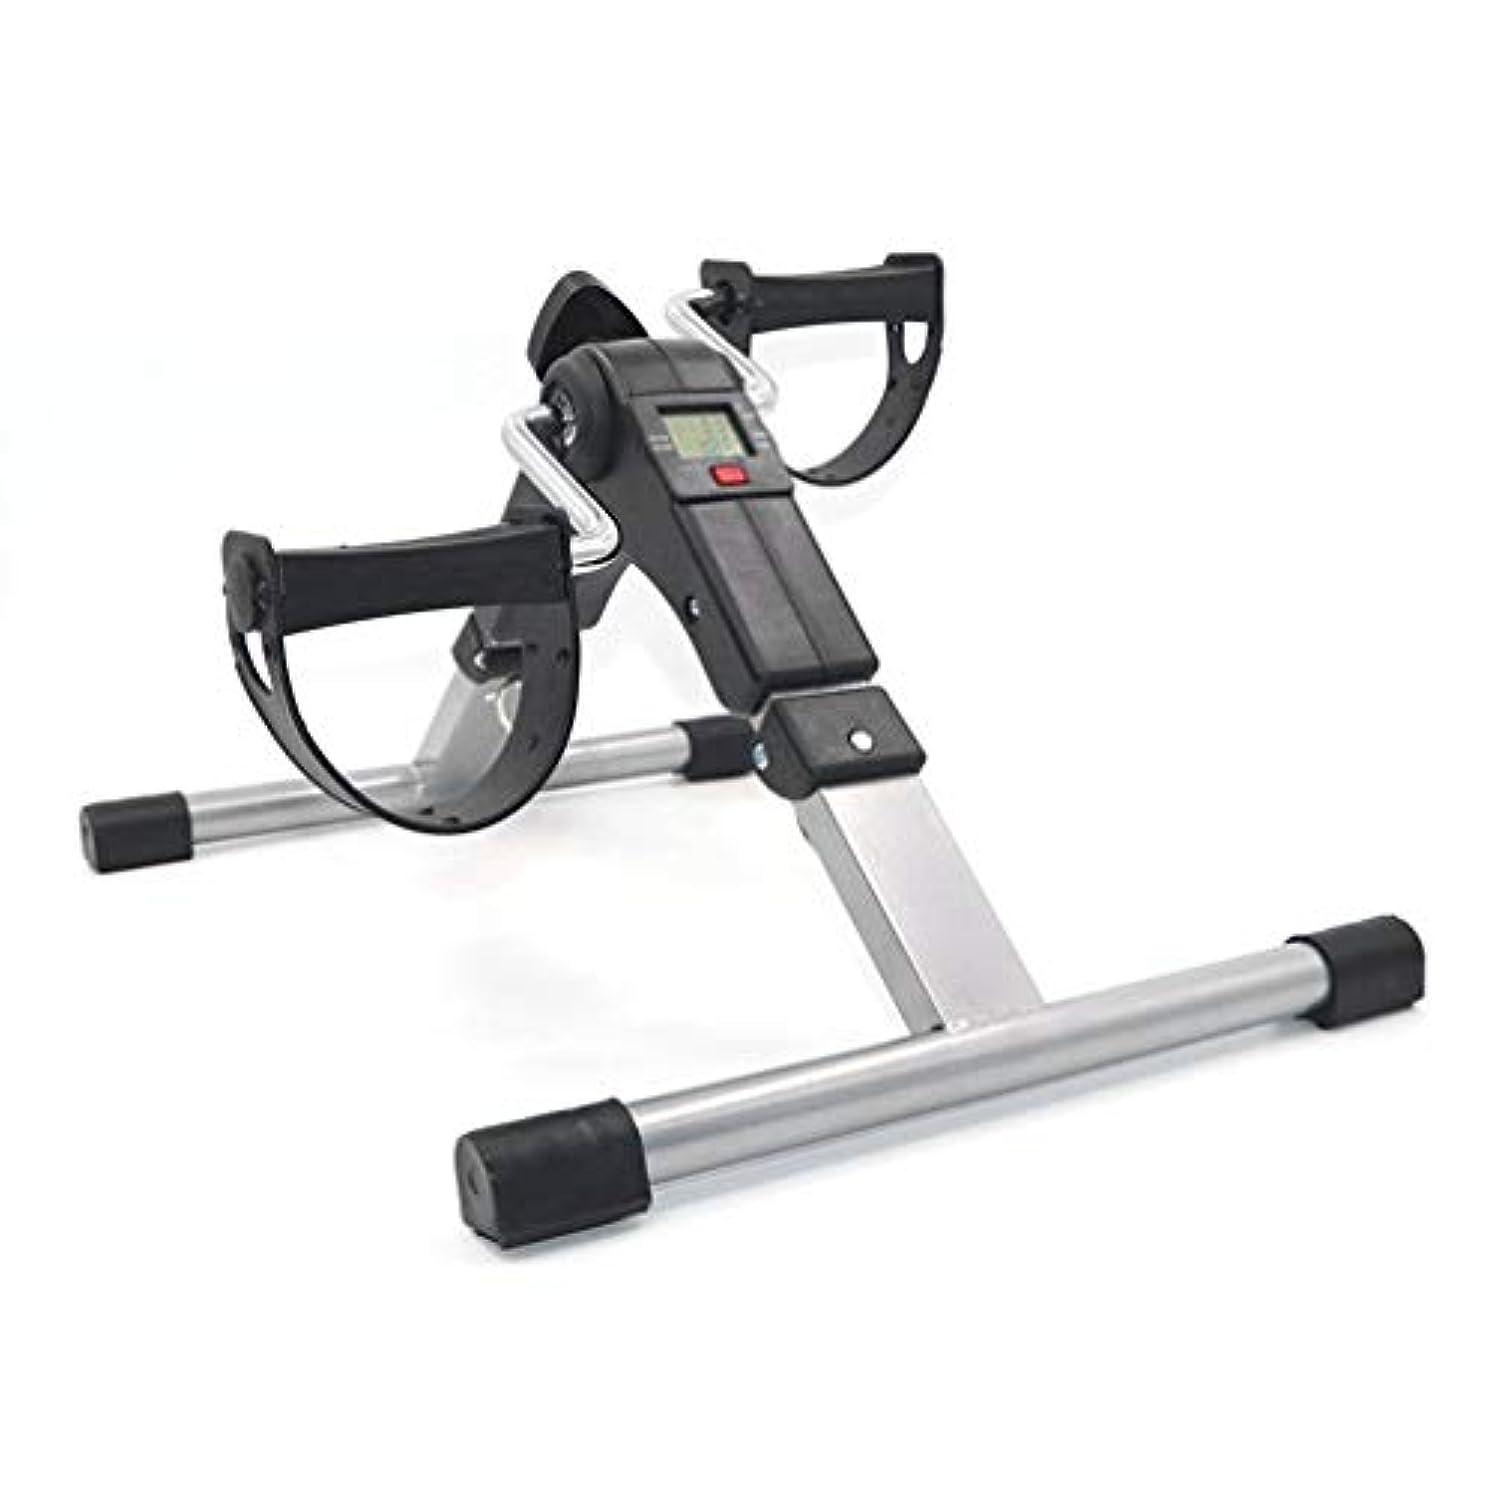 ベーカリー溶けるすき実用的なトレーナー自転車脚エクササイザーストローク片麻痺リハビリテーションペダル-Rustle666